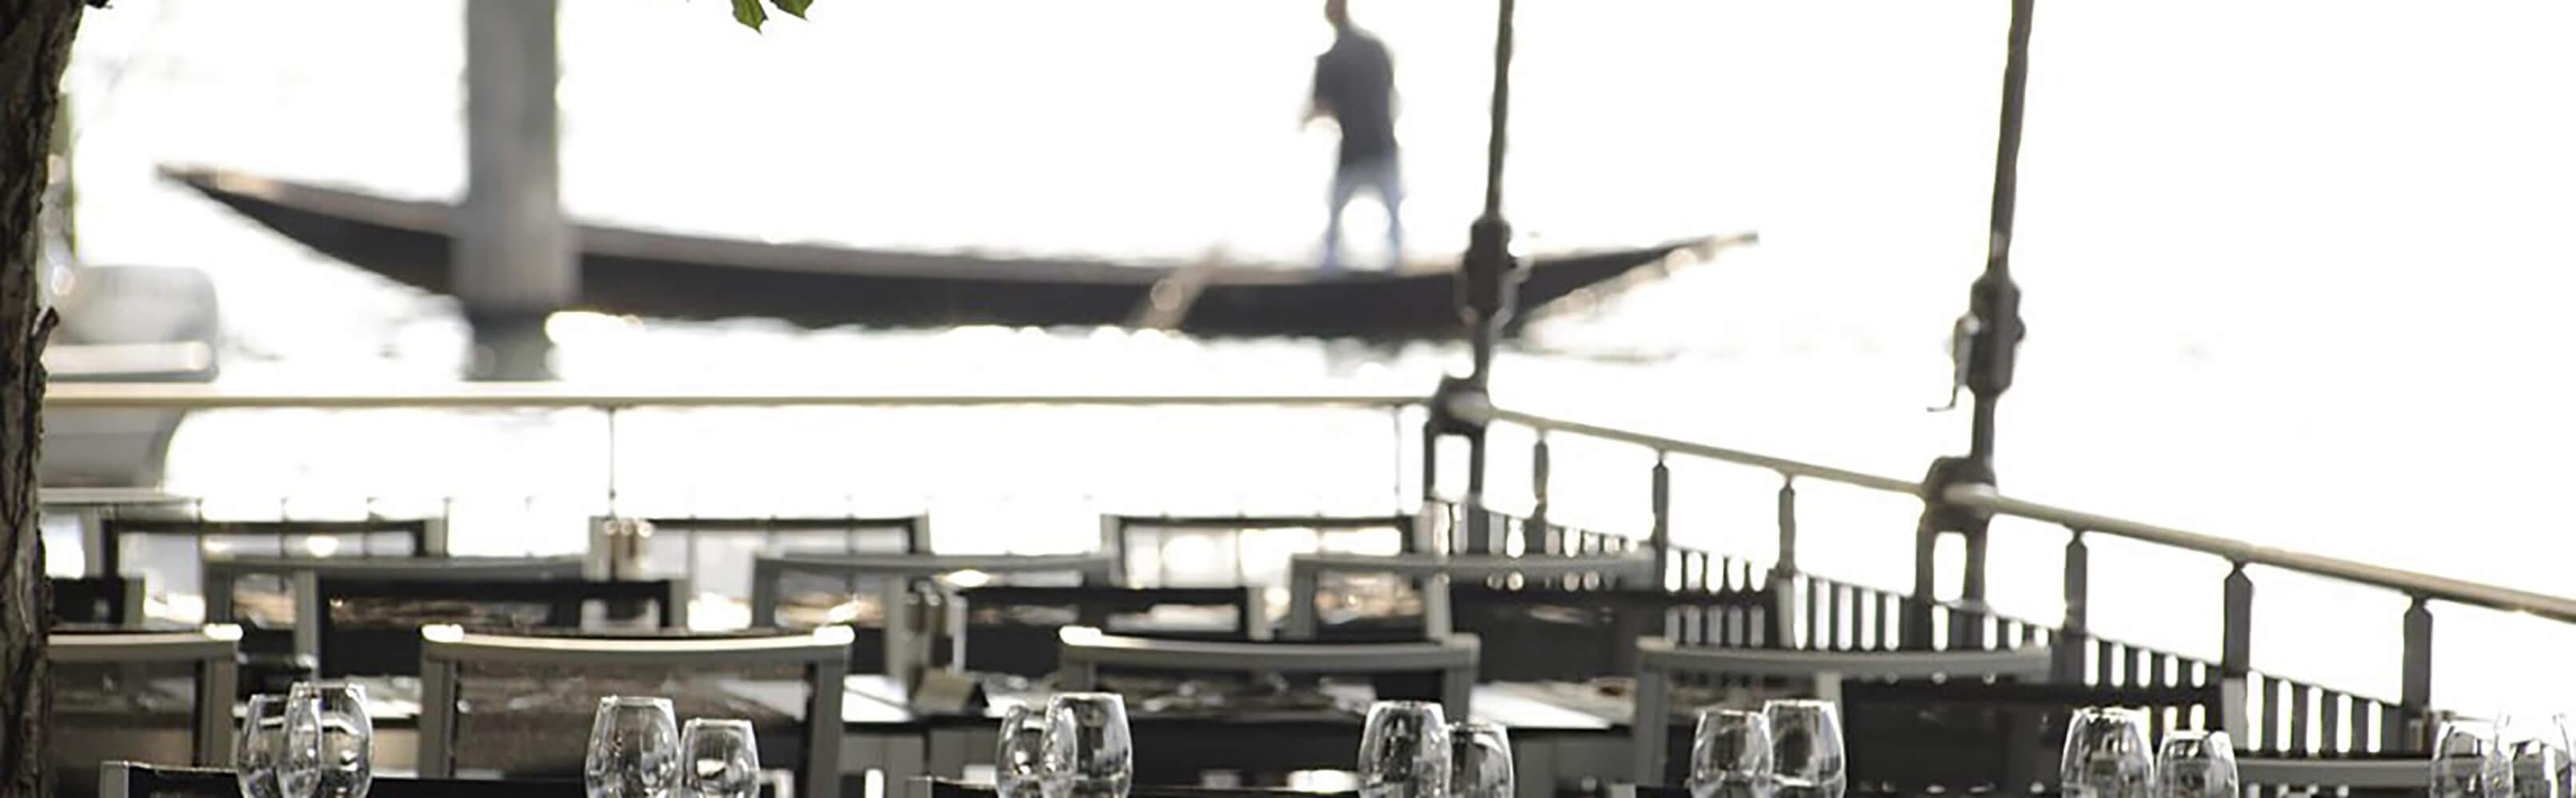 Willkommen im Restaurant Paradies - AMBIENTE AM RHEIN 1